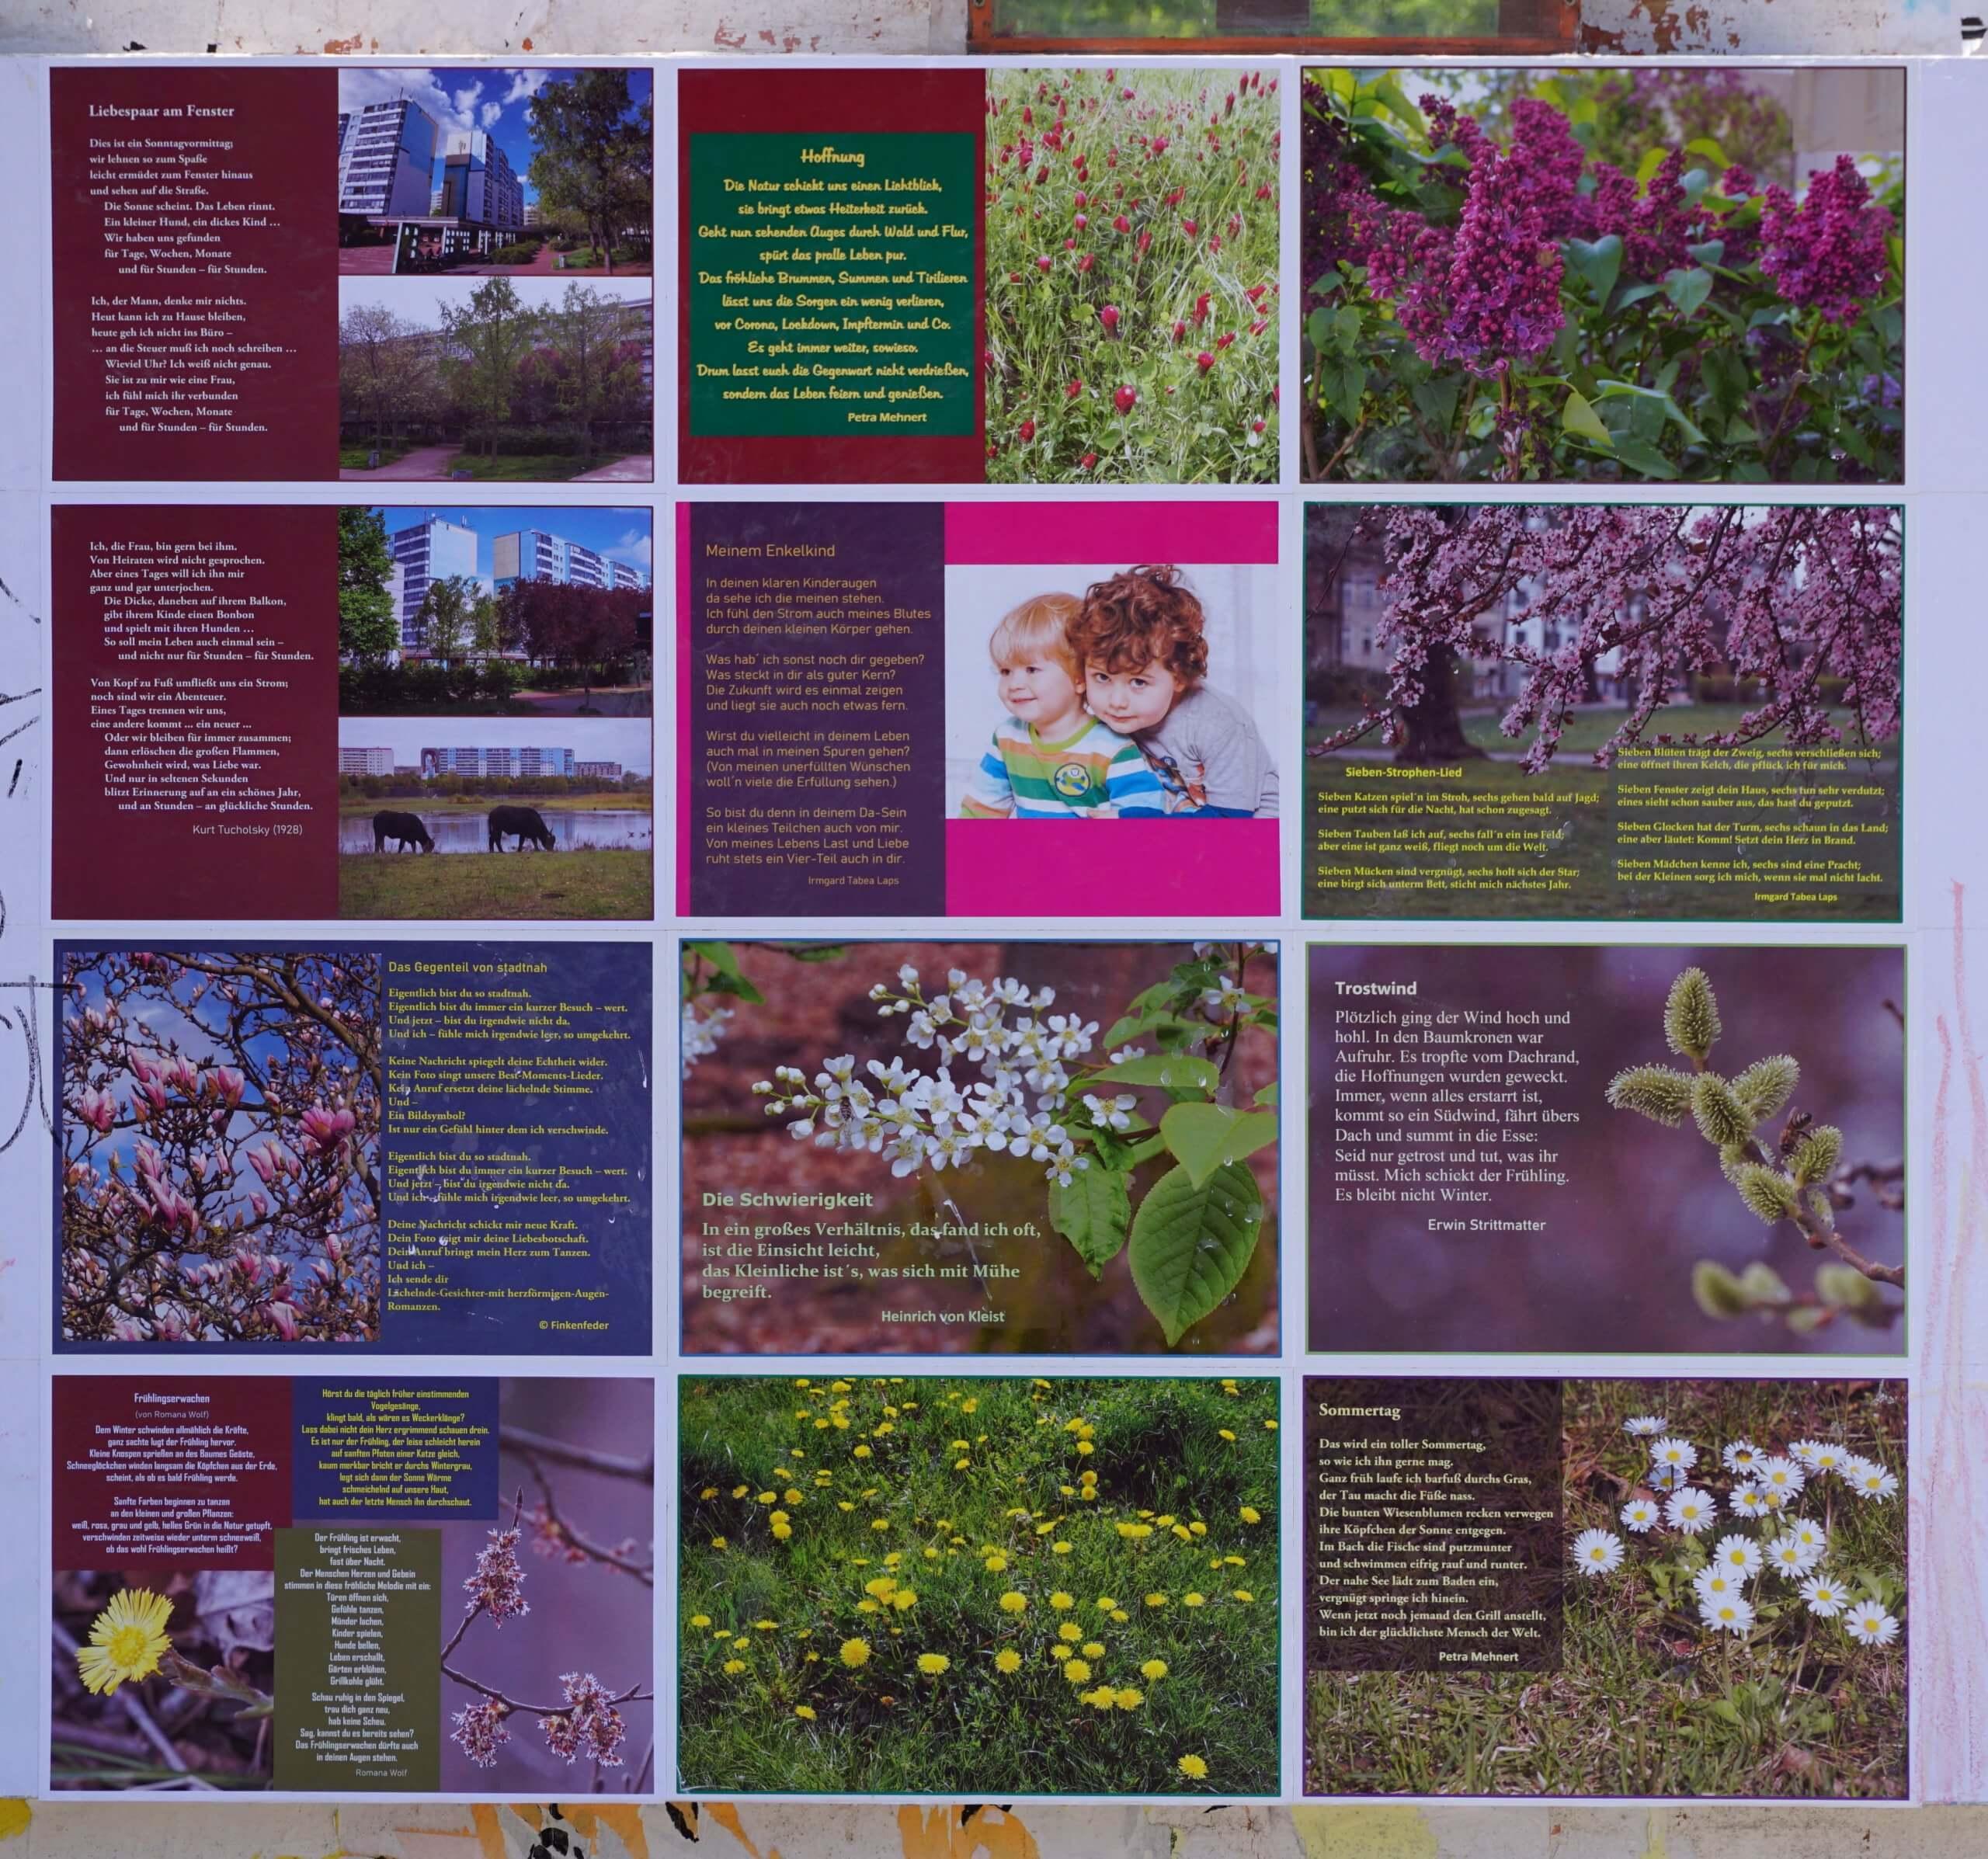 Das Bild zeigt das auf der Rückseite der Infowand am Forum seit dem 31. Mai 2021 zu sehende Mosaik von mit Fotomotiven aus der Natur und aus dem Kosmosviertel gestalteten Gedichten.